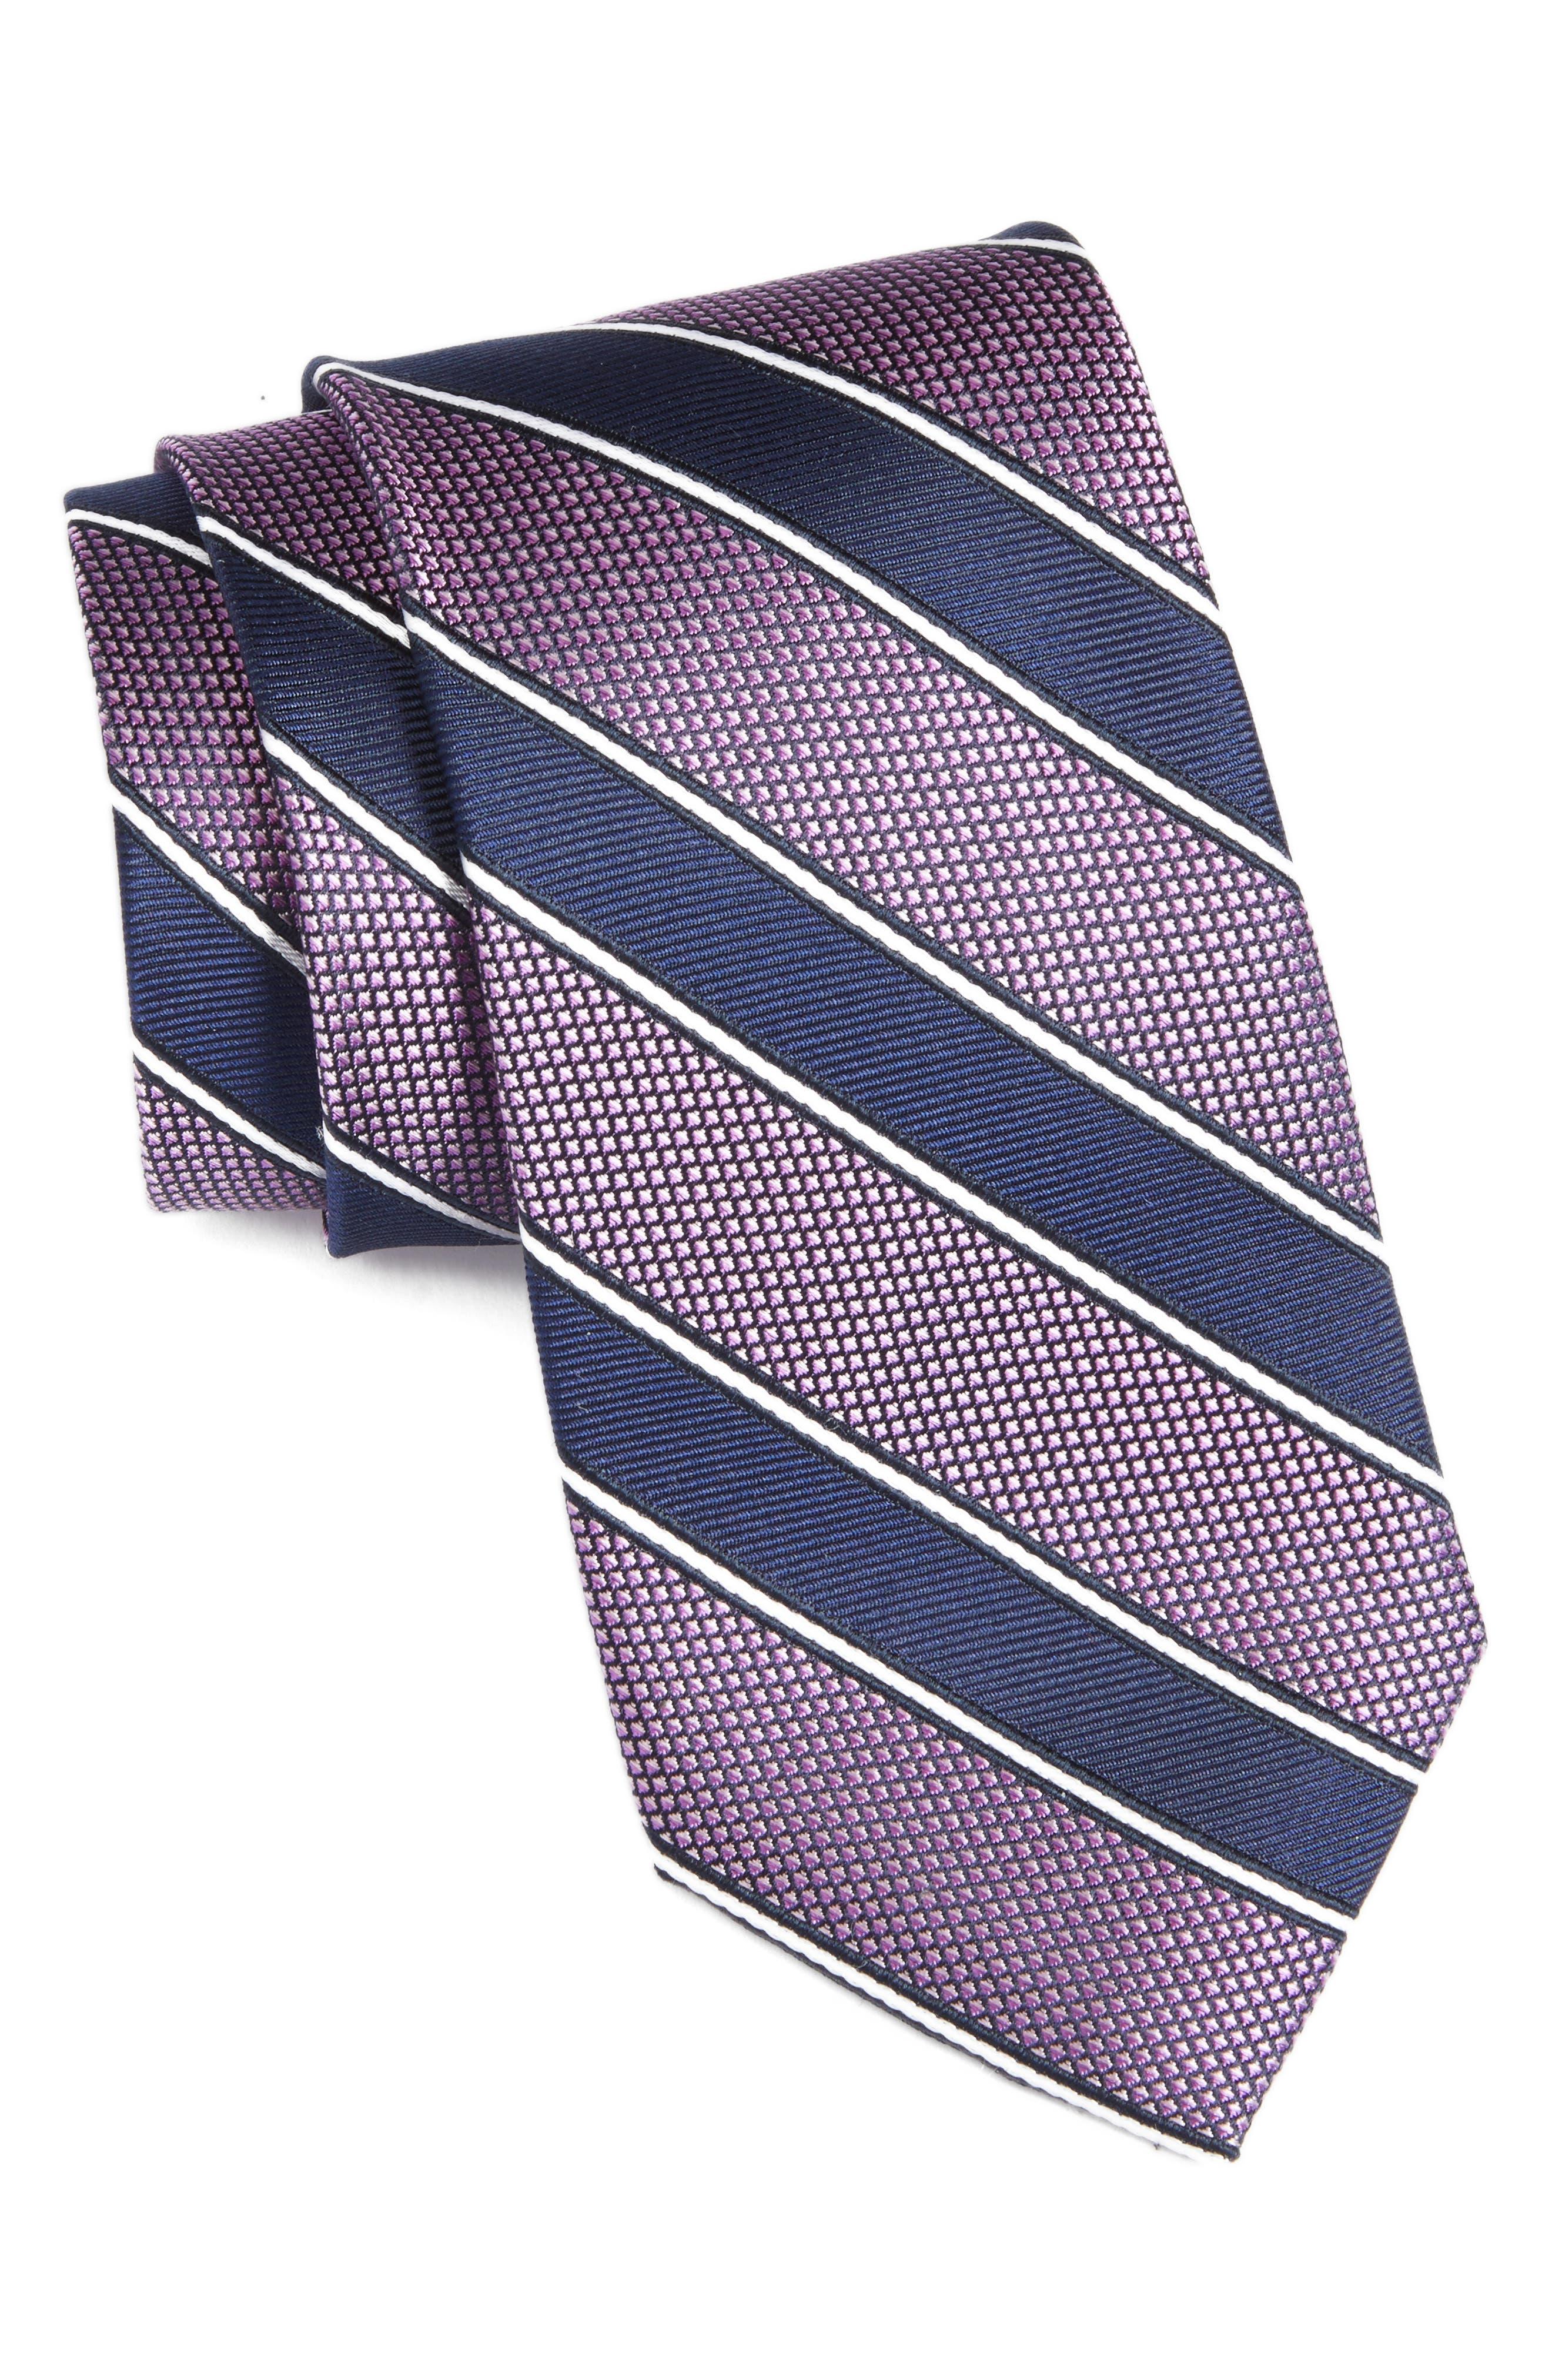 Main Image - Nordstrom Men's Shop Copio Stripe Silk Tie